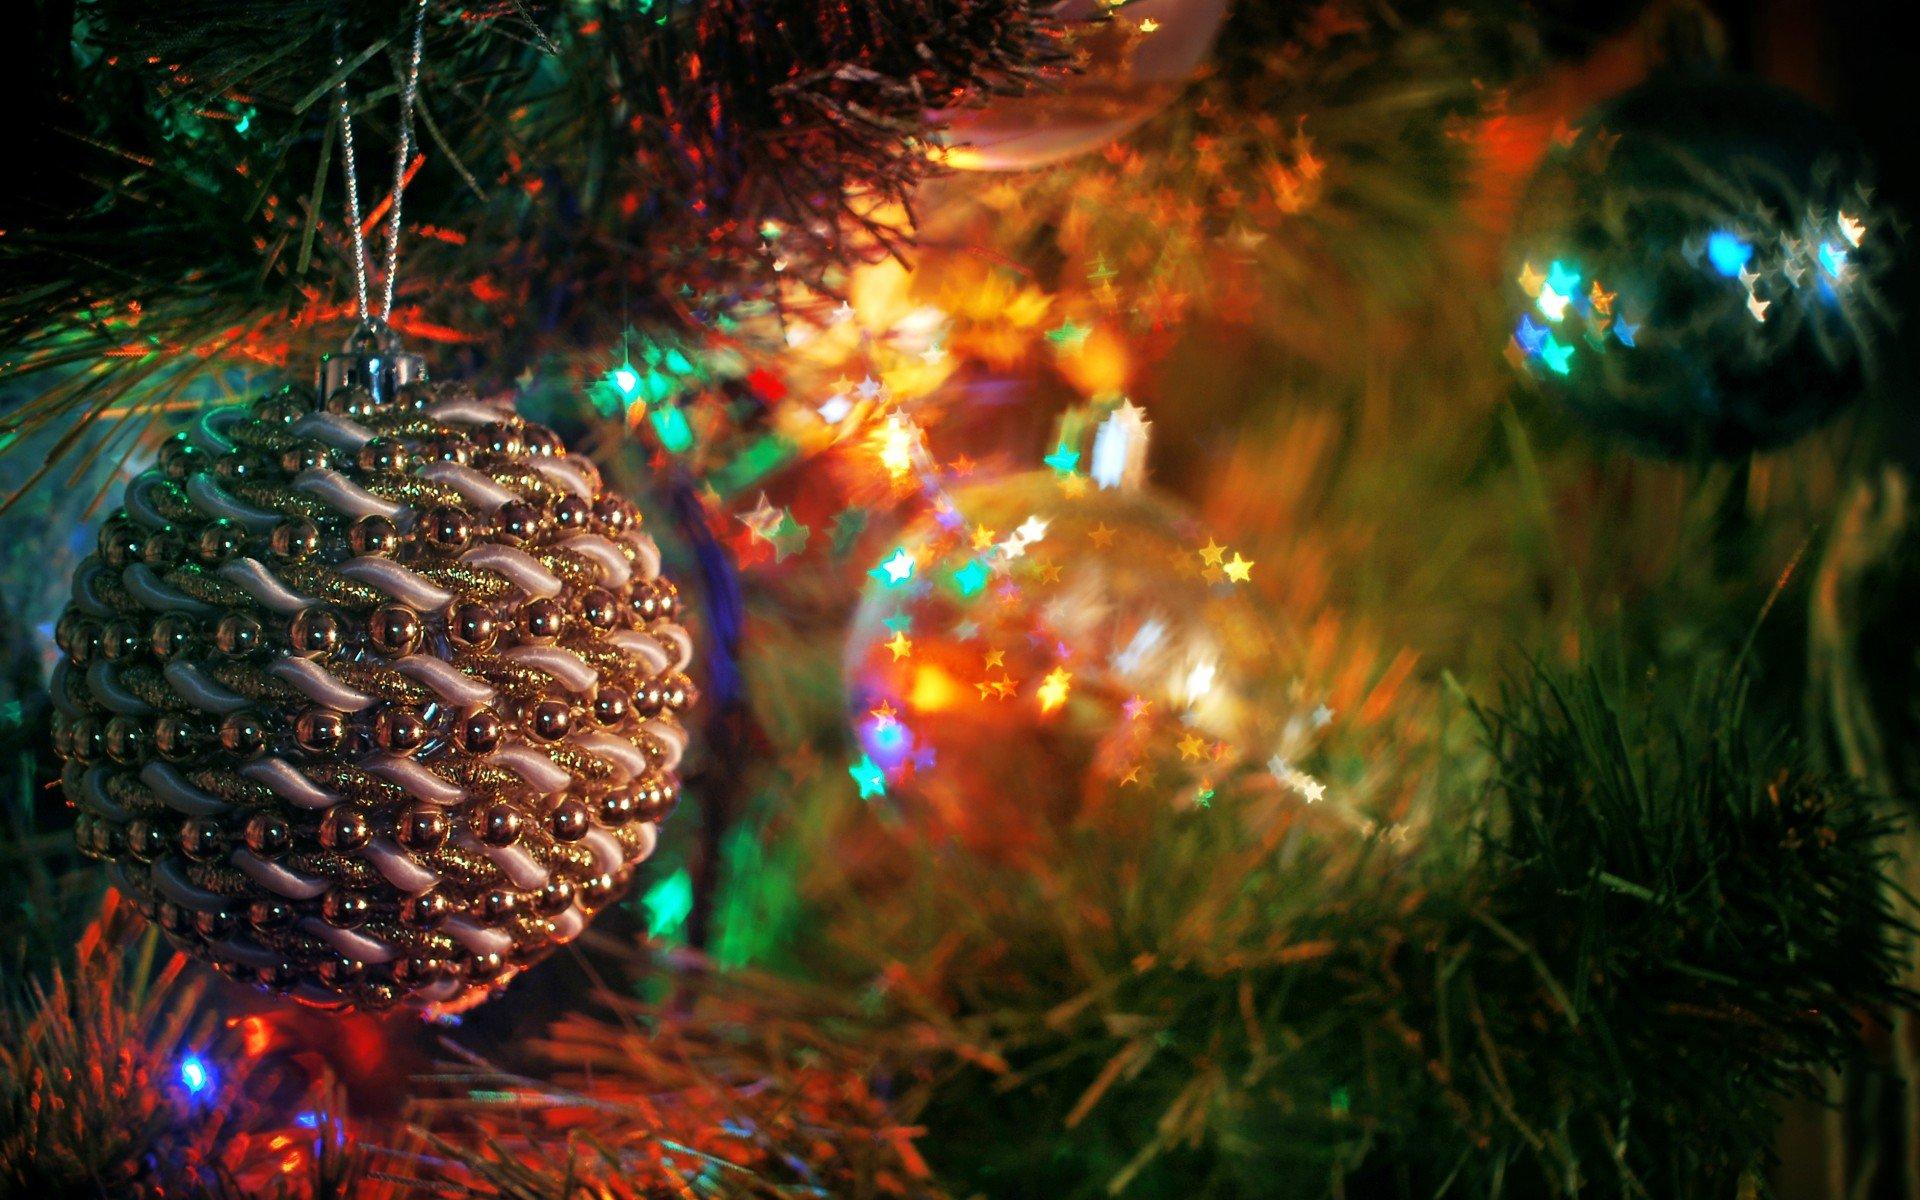 АПНегГ поздравляет с Новым Годом и Рождеством